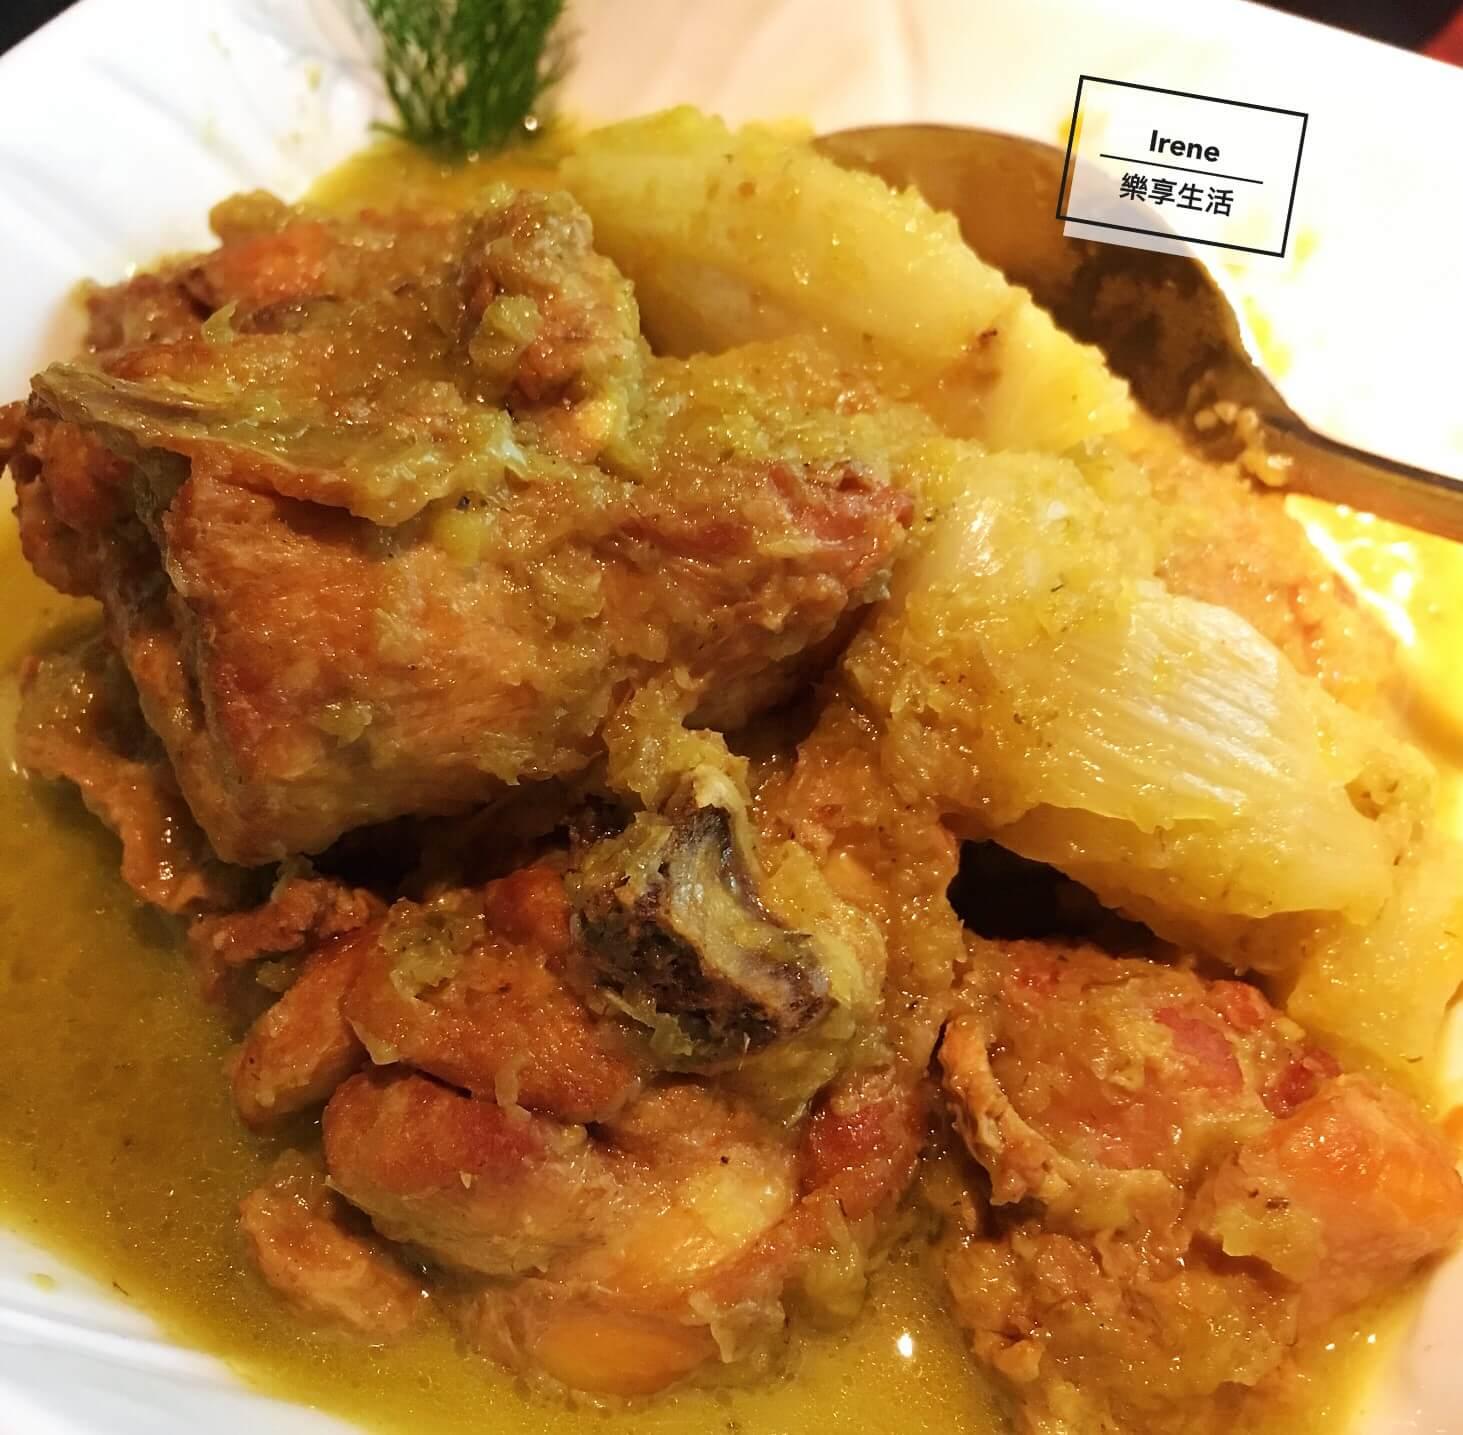 上海花馬天堂絲綢之路餐廳/絲路茴香雞